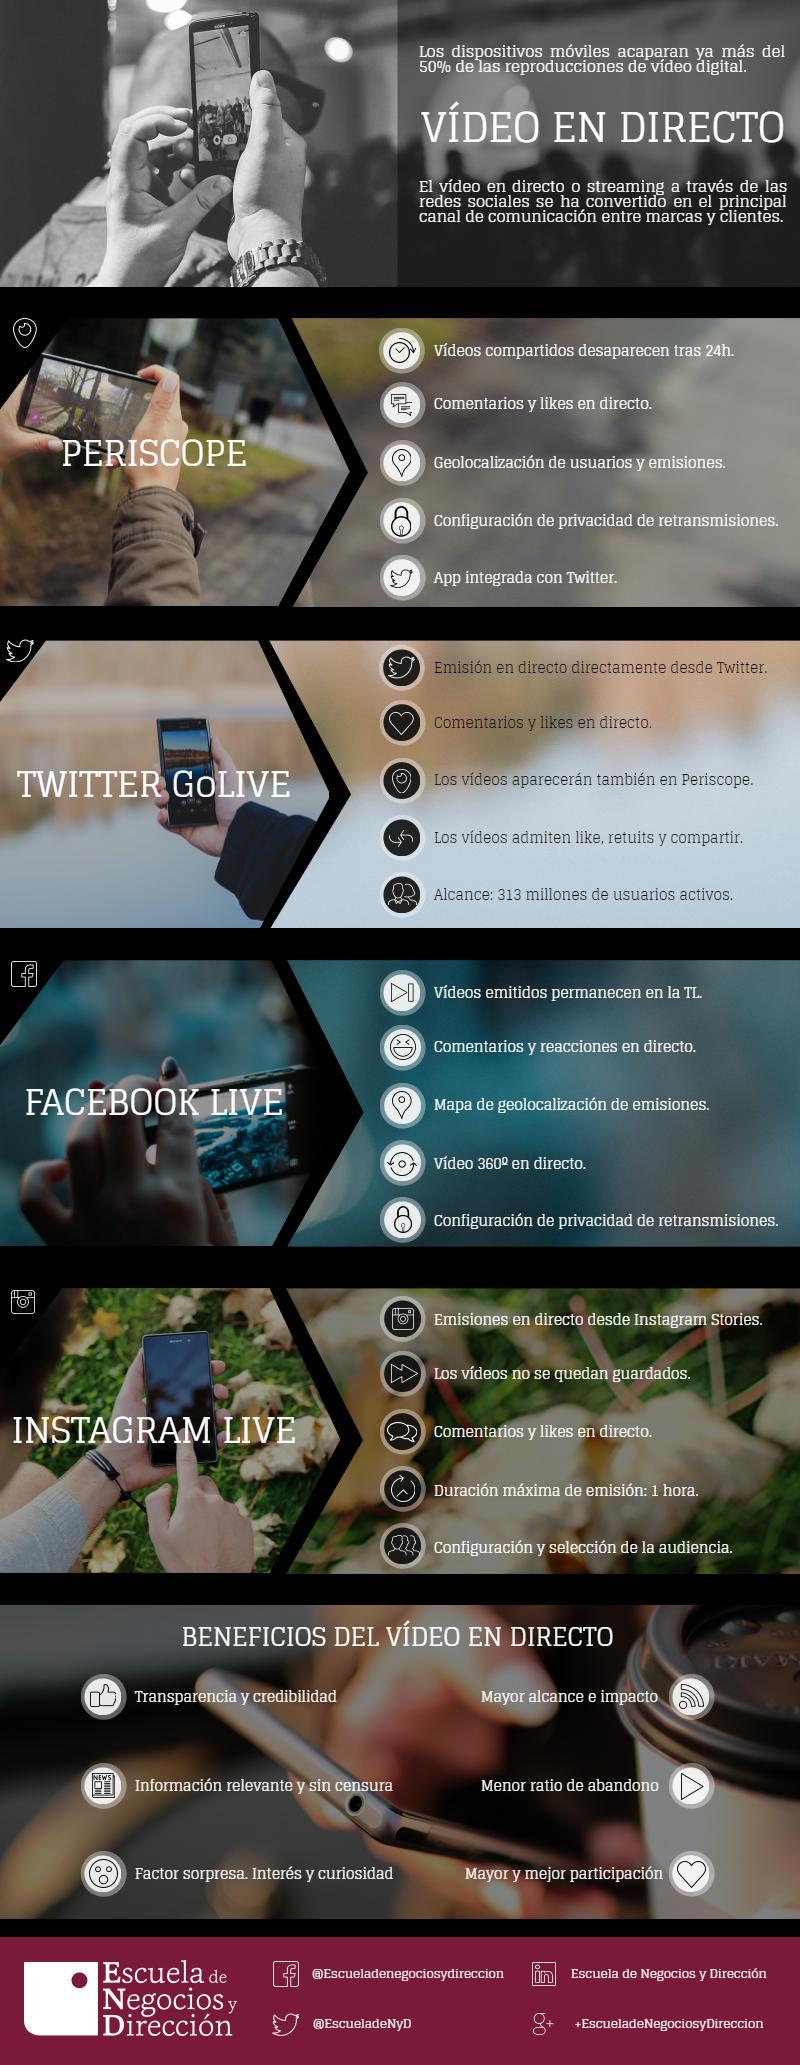 Vídeo en directo en Redes Sociales